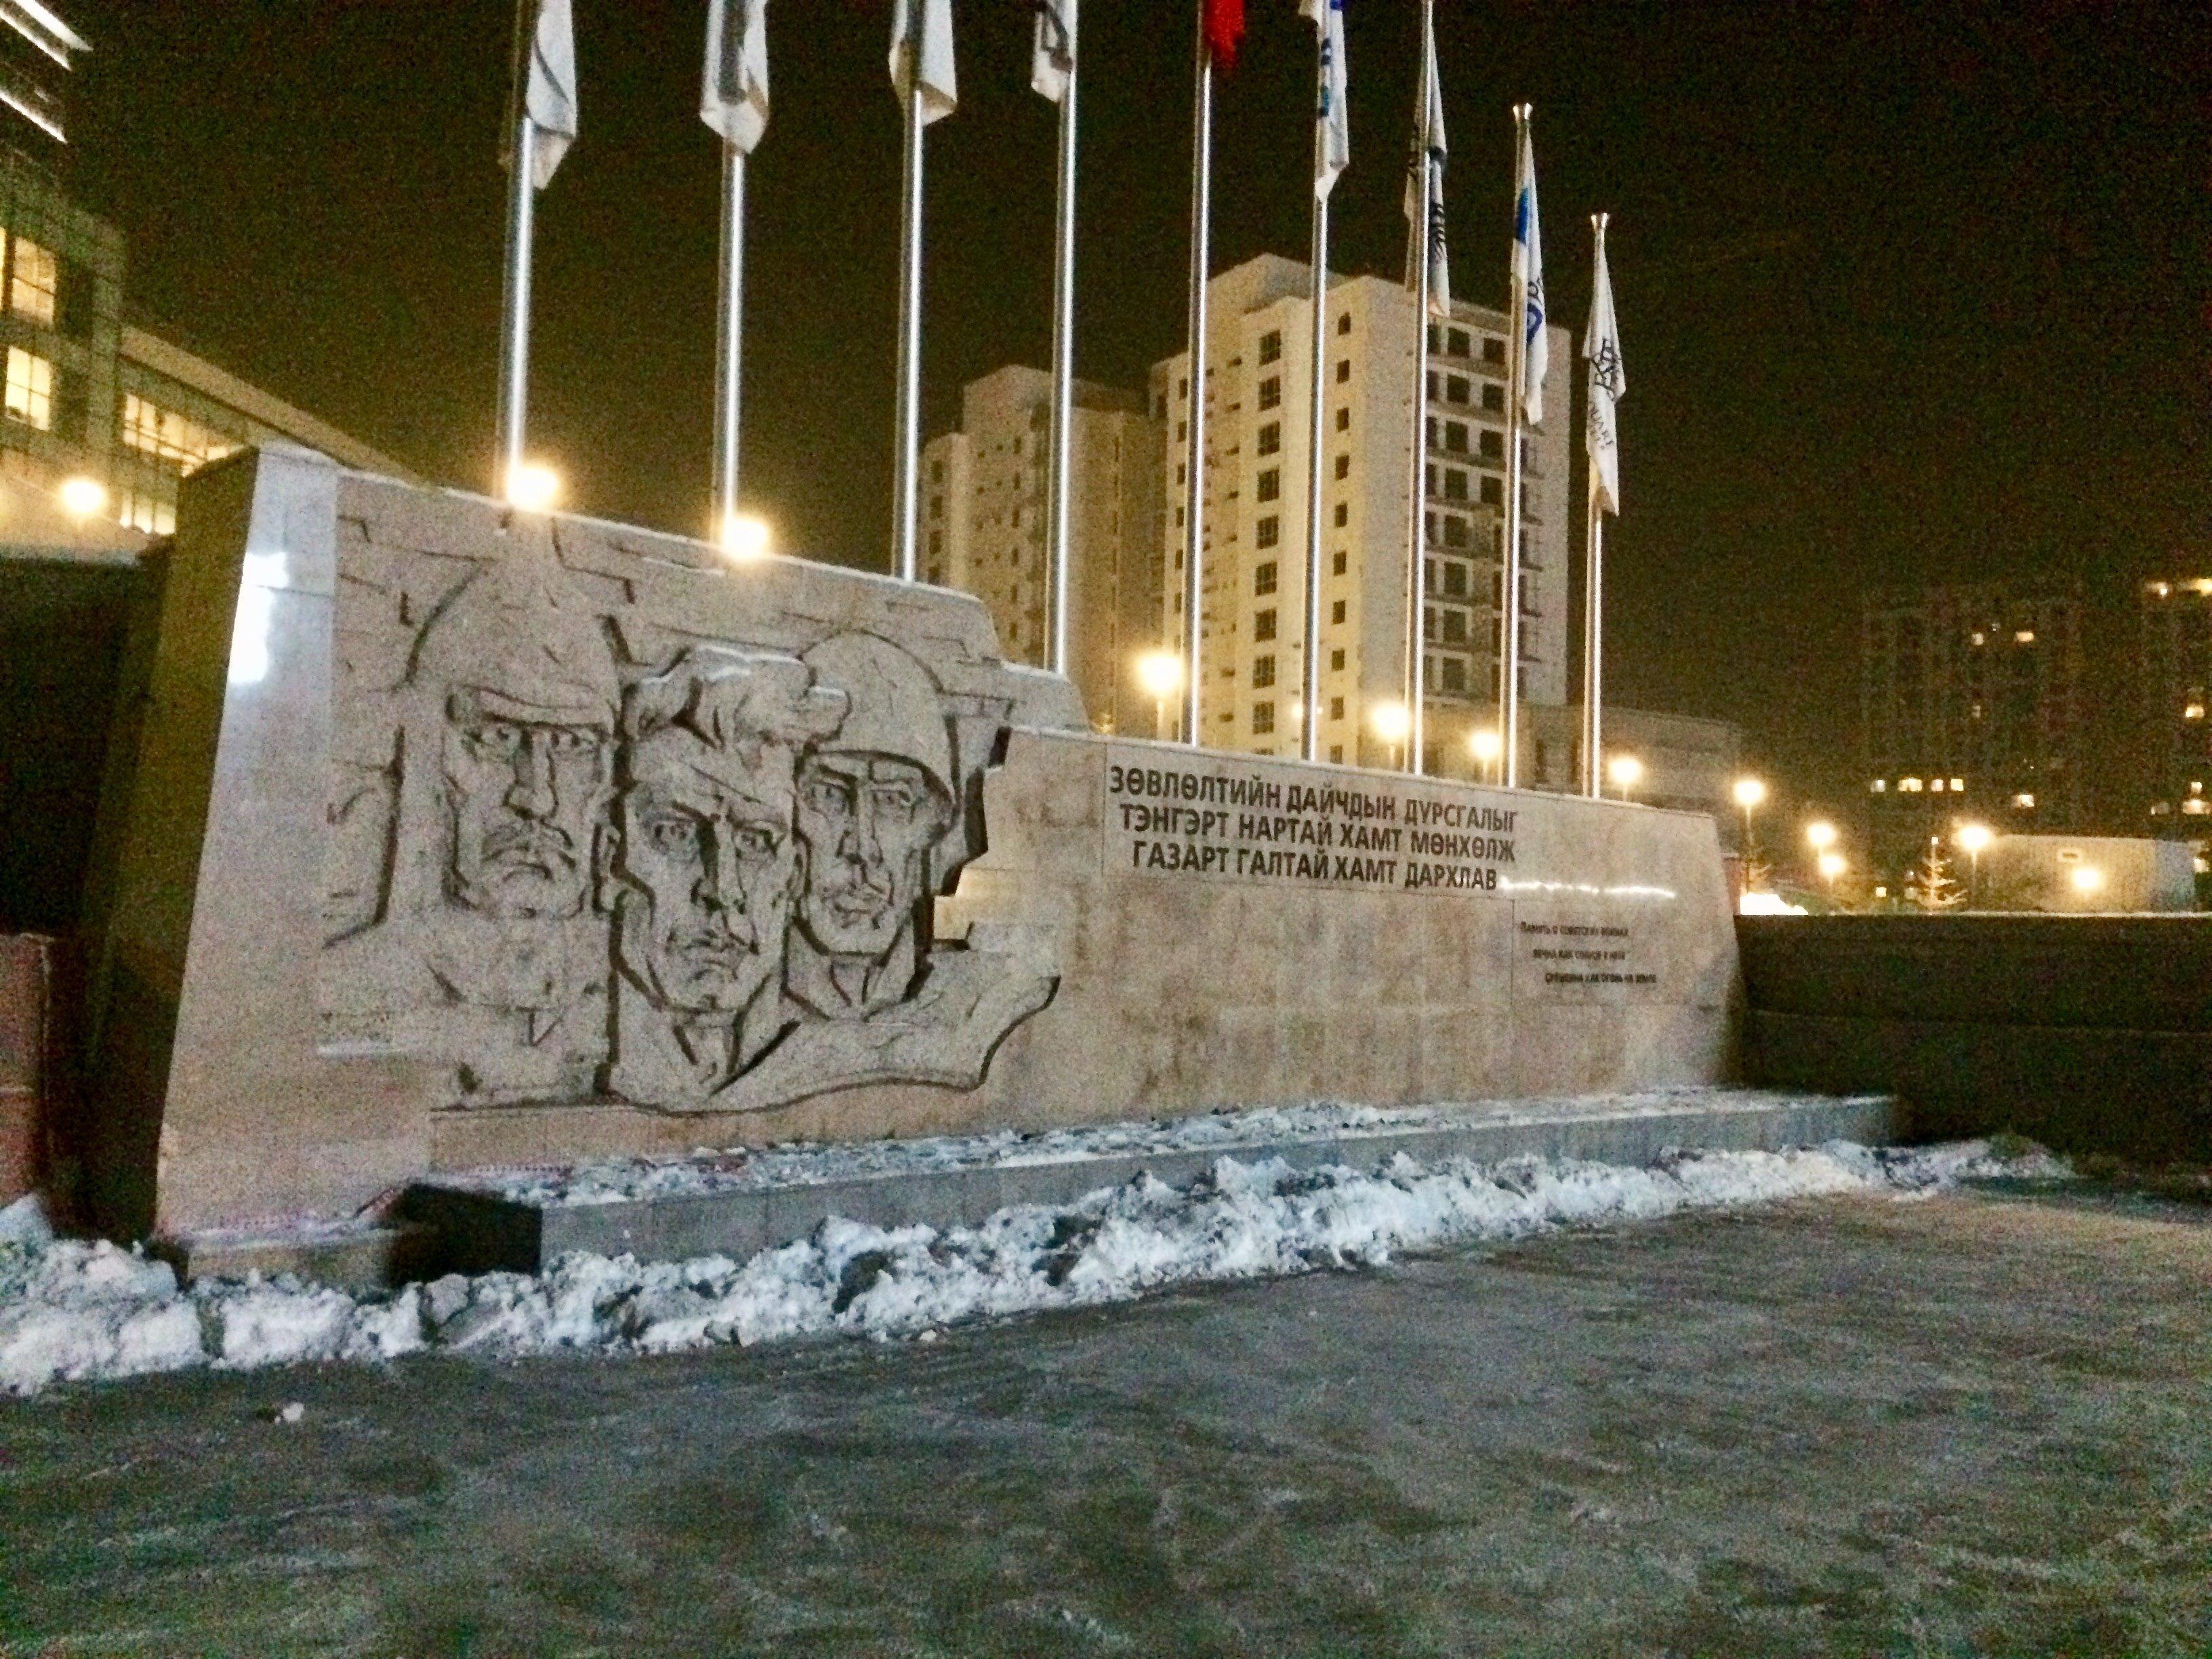 Мемориальный комплекс памяти советских воинов в Монголии